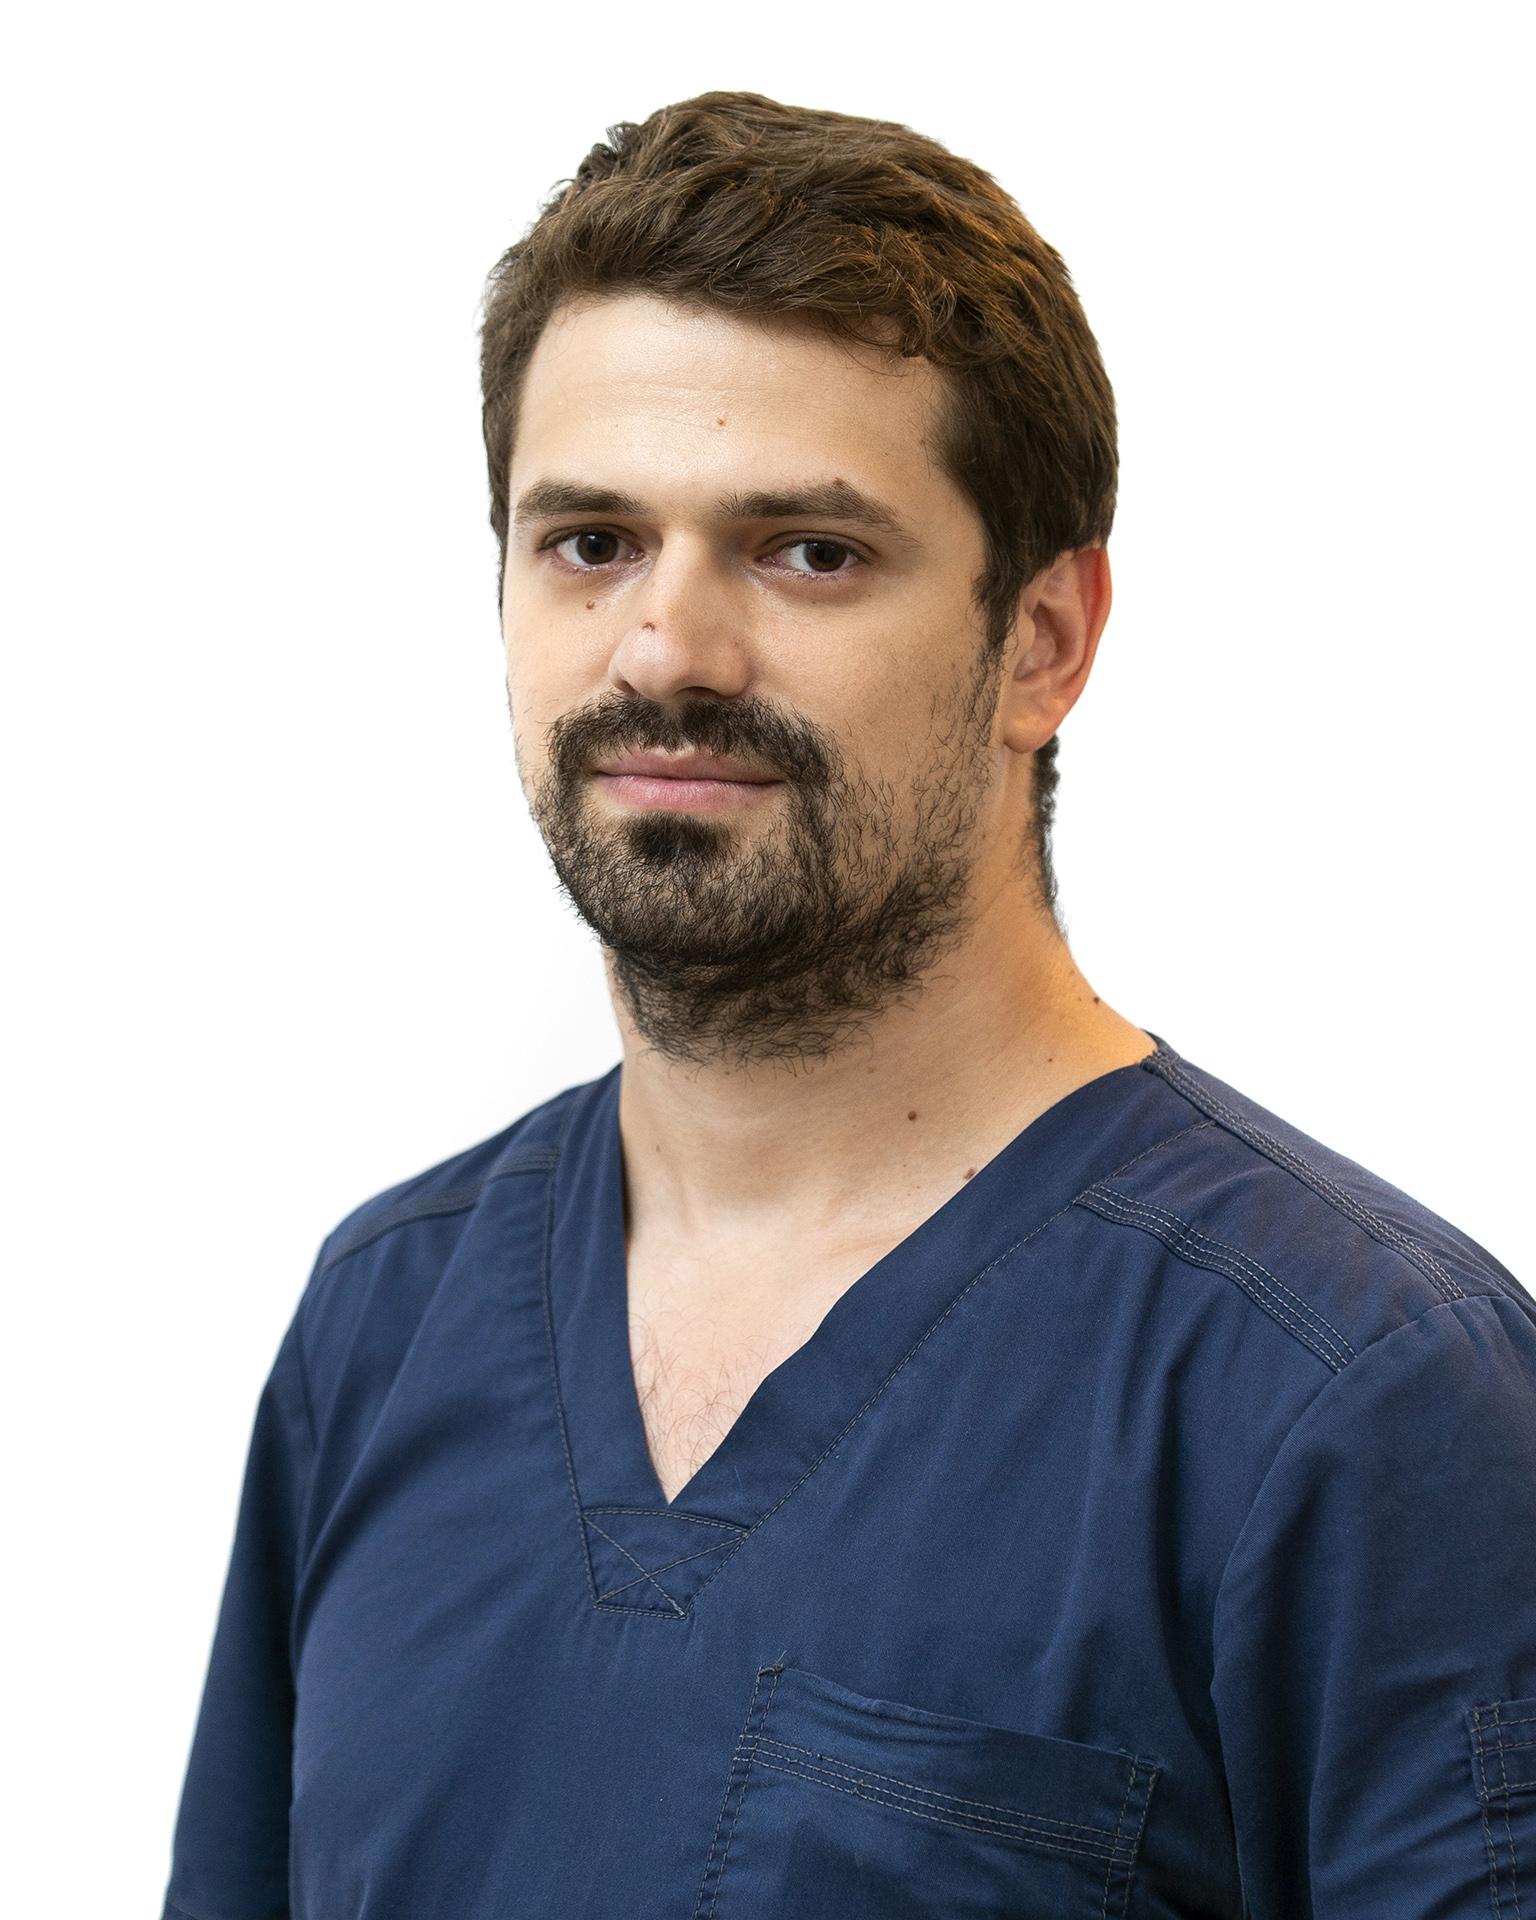 Dr. Balogh Attila Botond